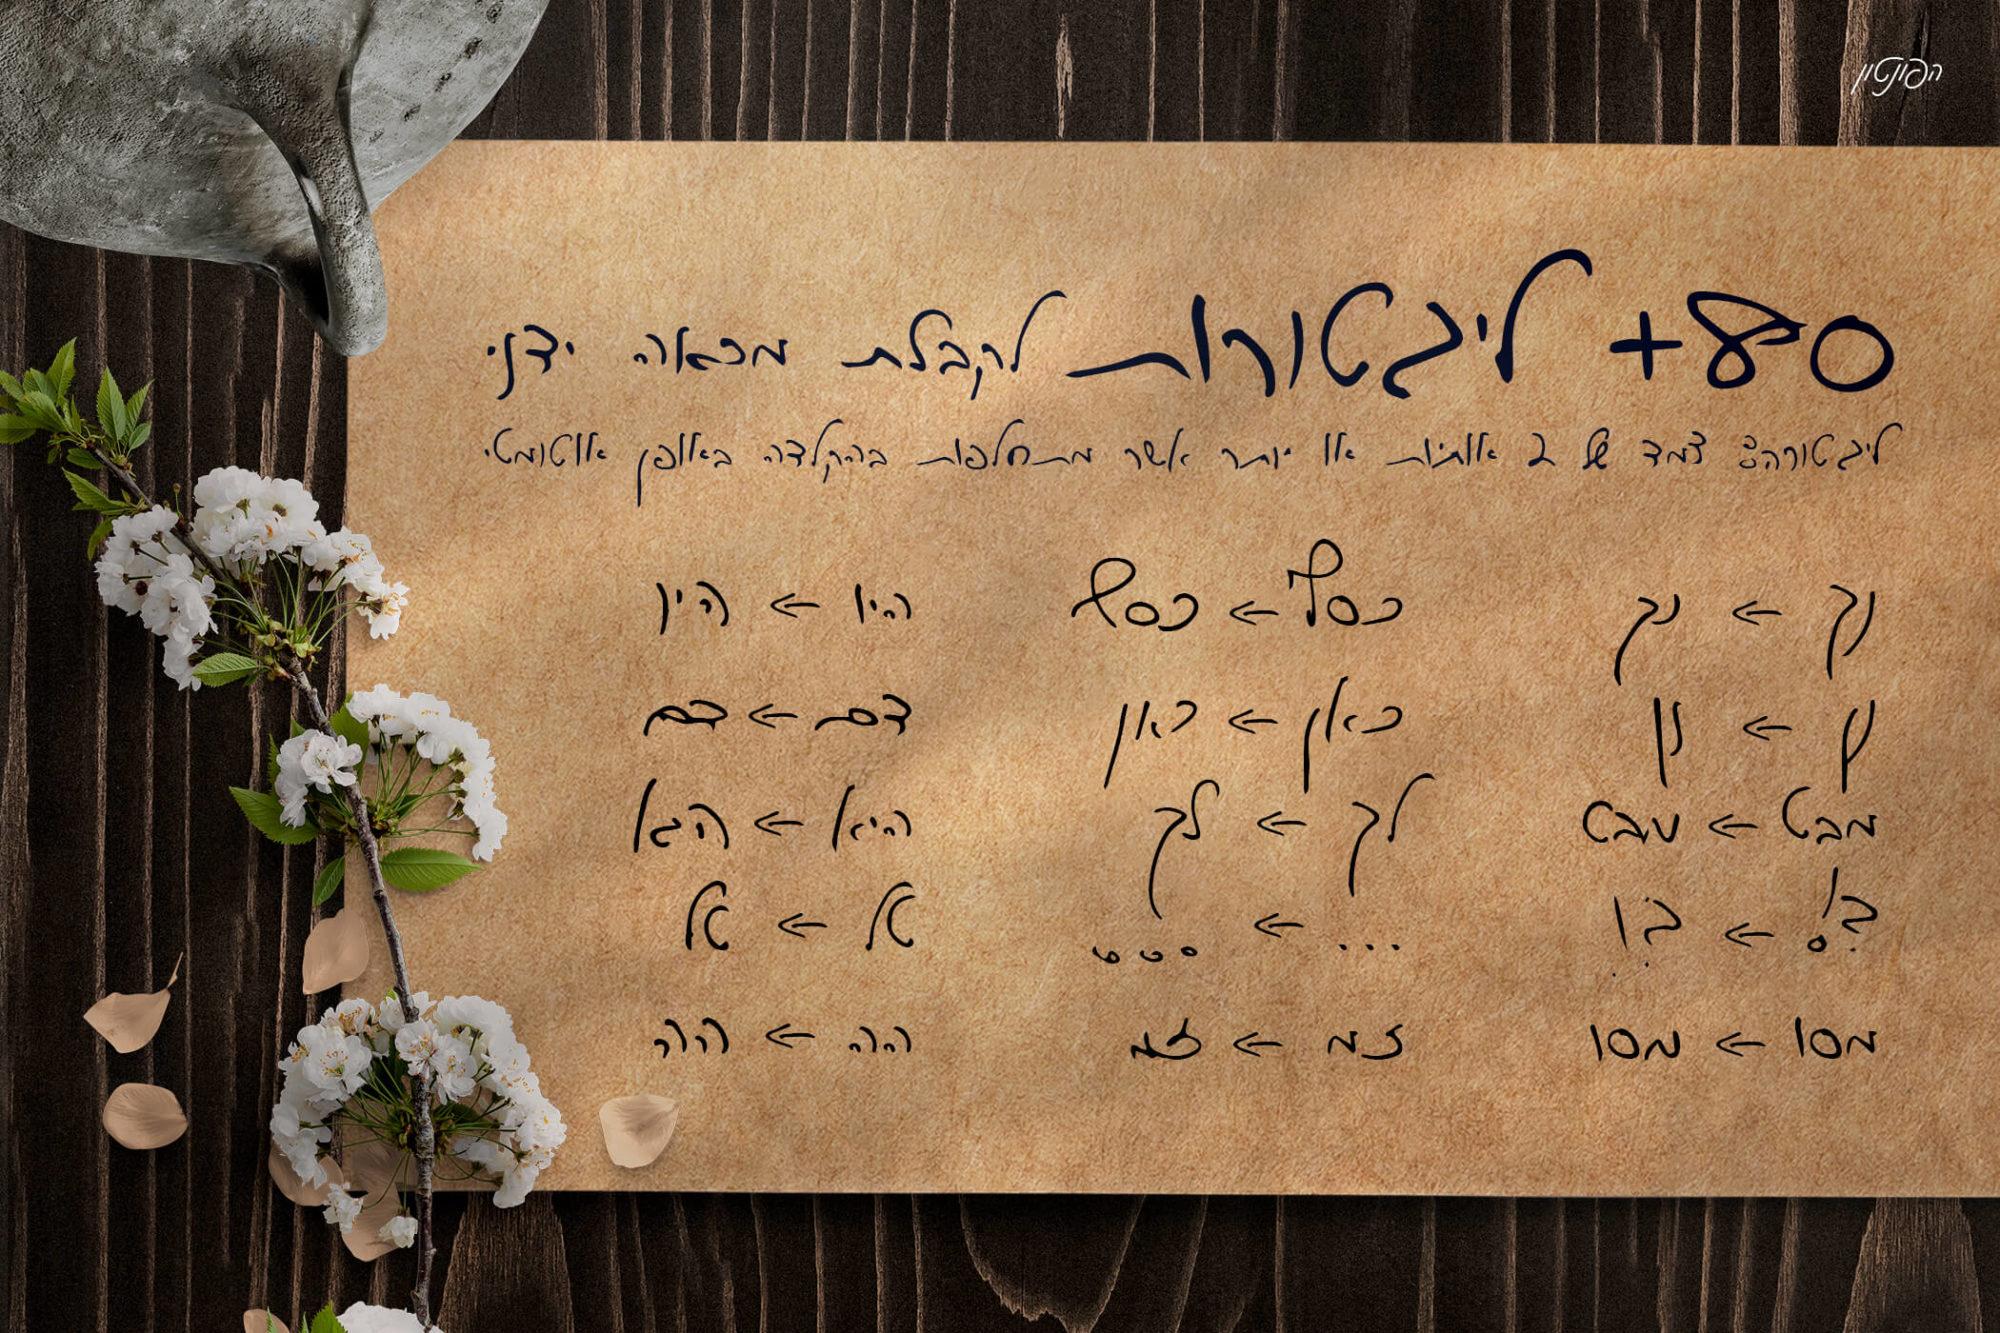 80+ ליגטורות לקבלת מראה ידני – פונט כתב־יד בעברית להורדה בחינם